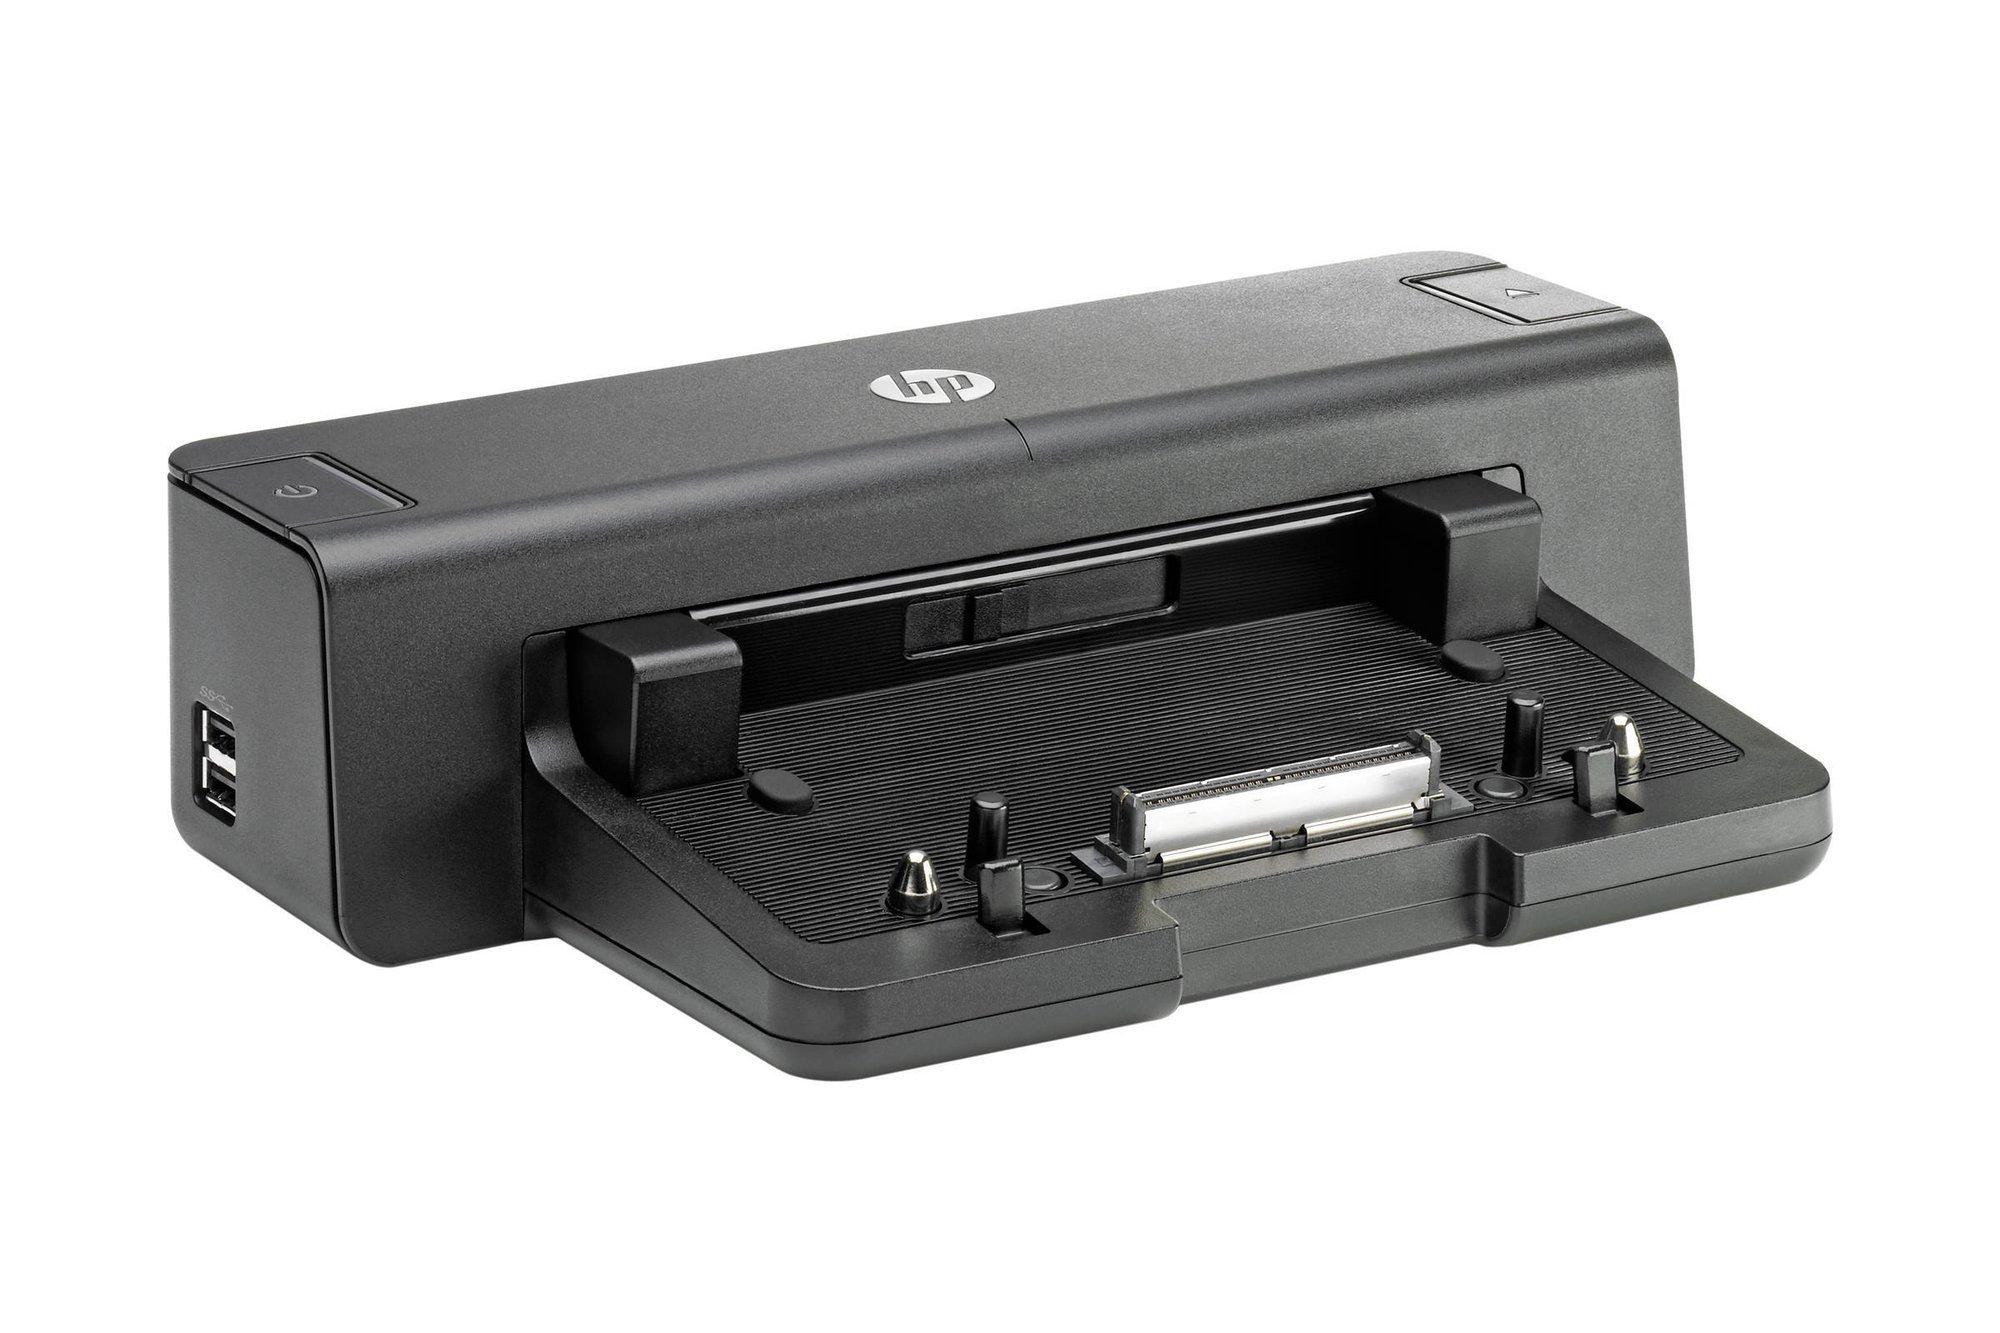 HP 2012 90W Docking Station A7E32AA DisplayPort USB DVI Port Replicator